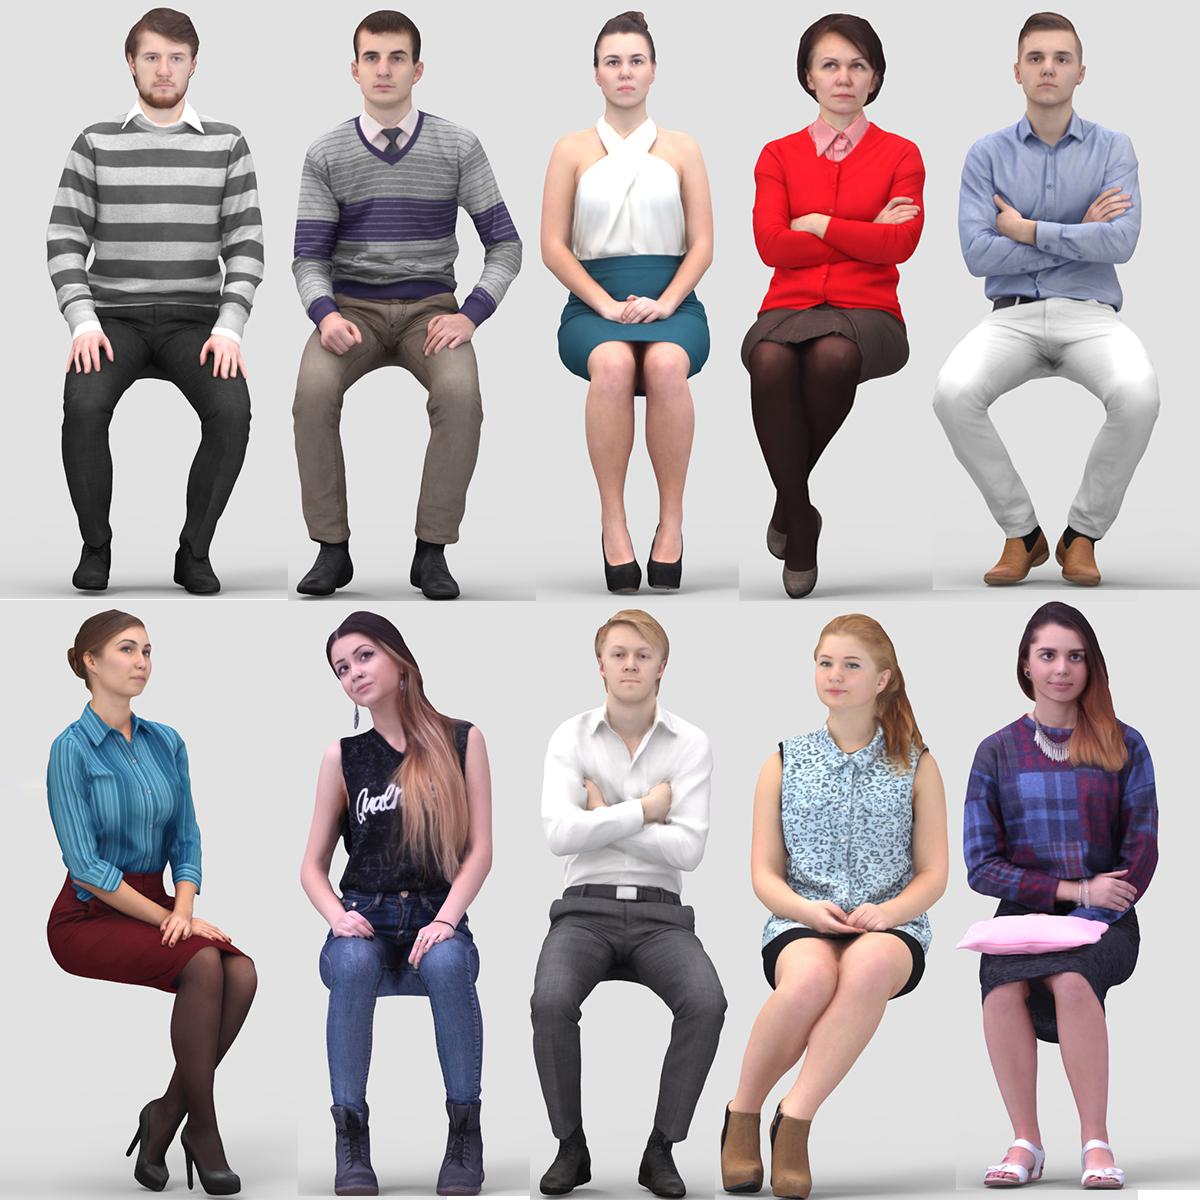 Foto Persone Sedute.Vol Umano Modello 3d 2 Persone Sedute